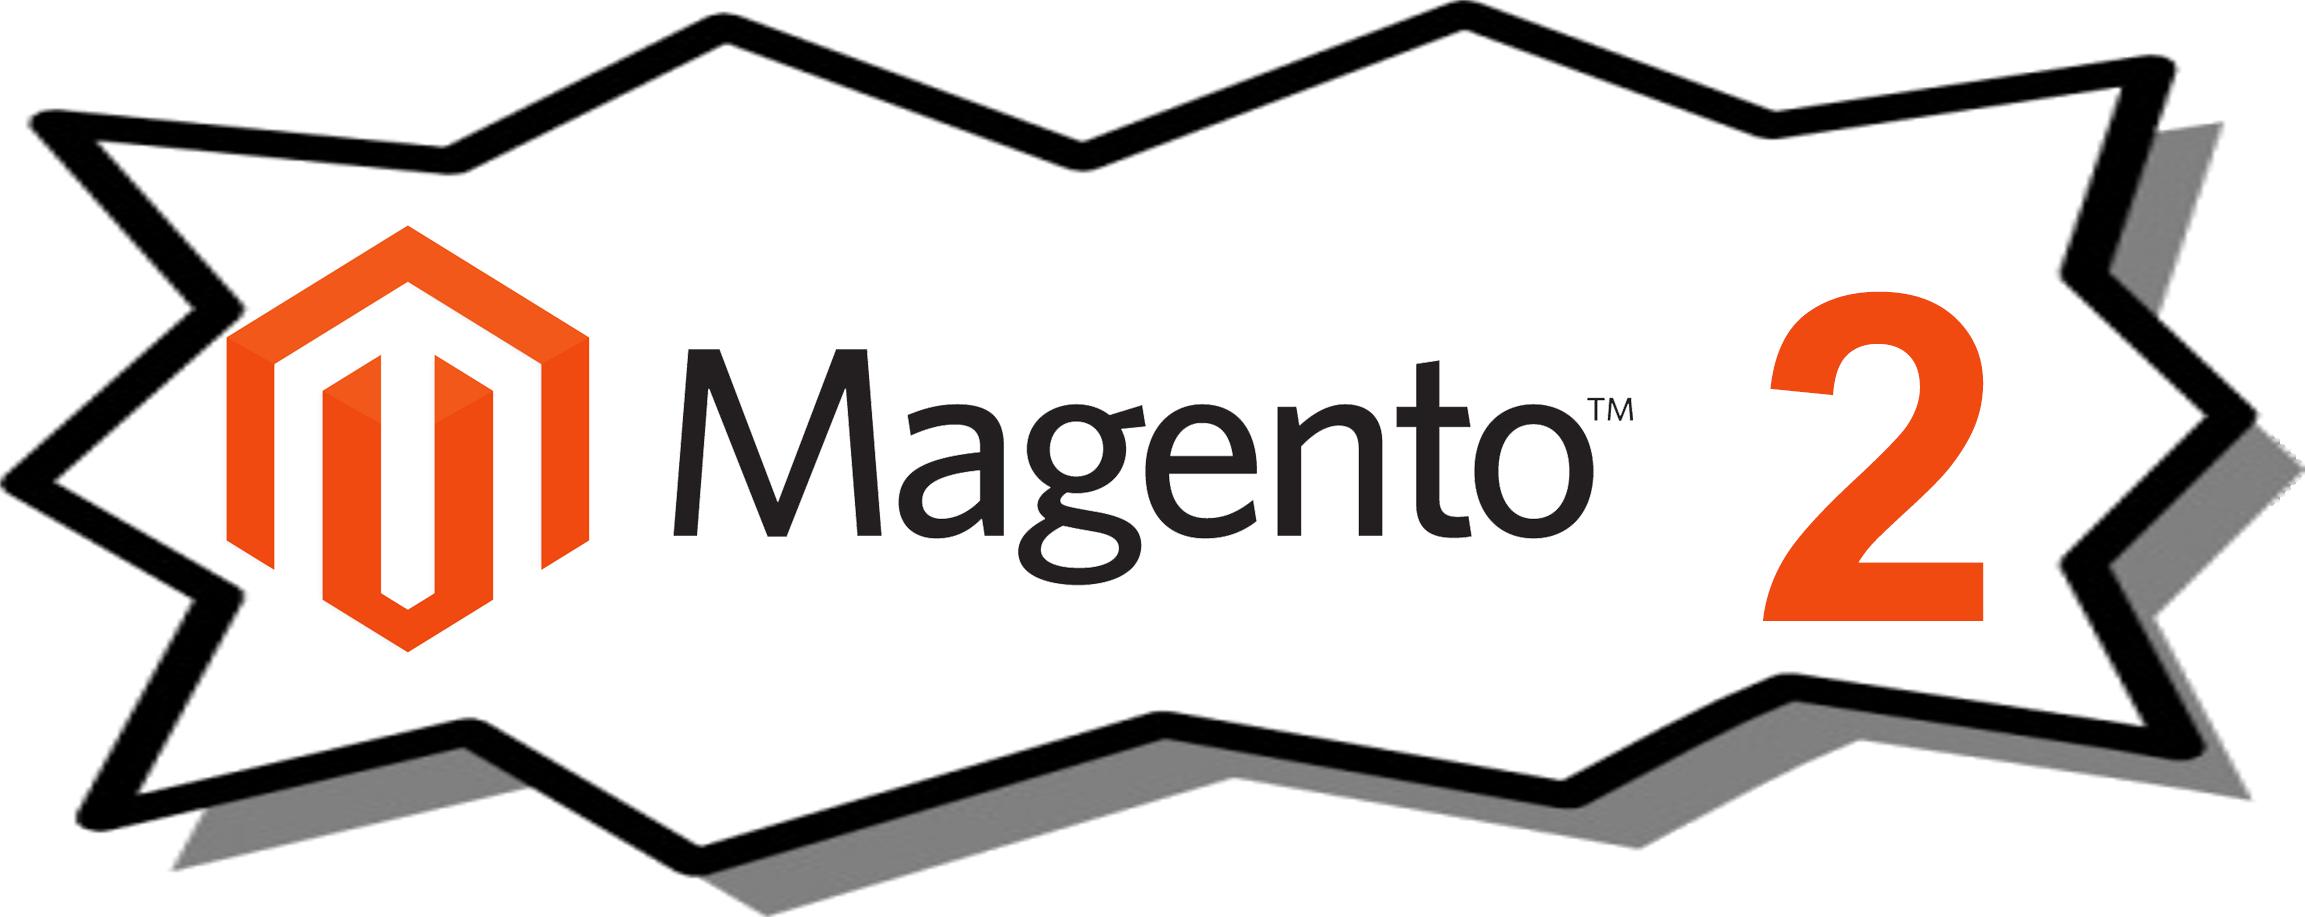 Magento 2 Gotcha! – Developer Mode and Merging CSS